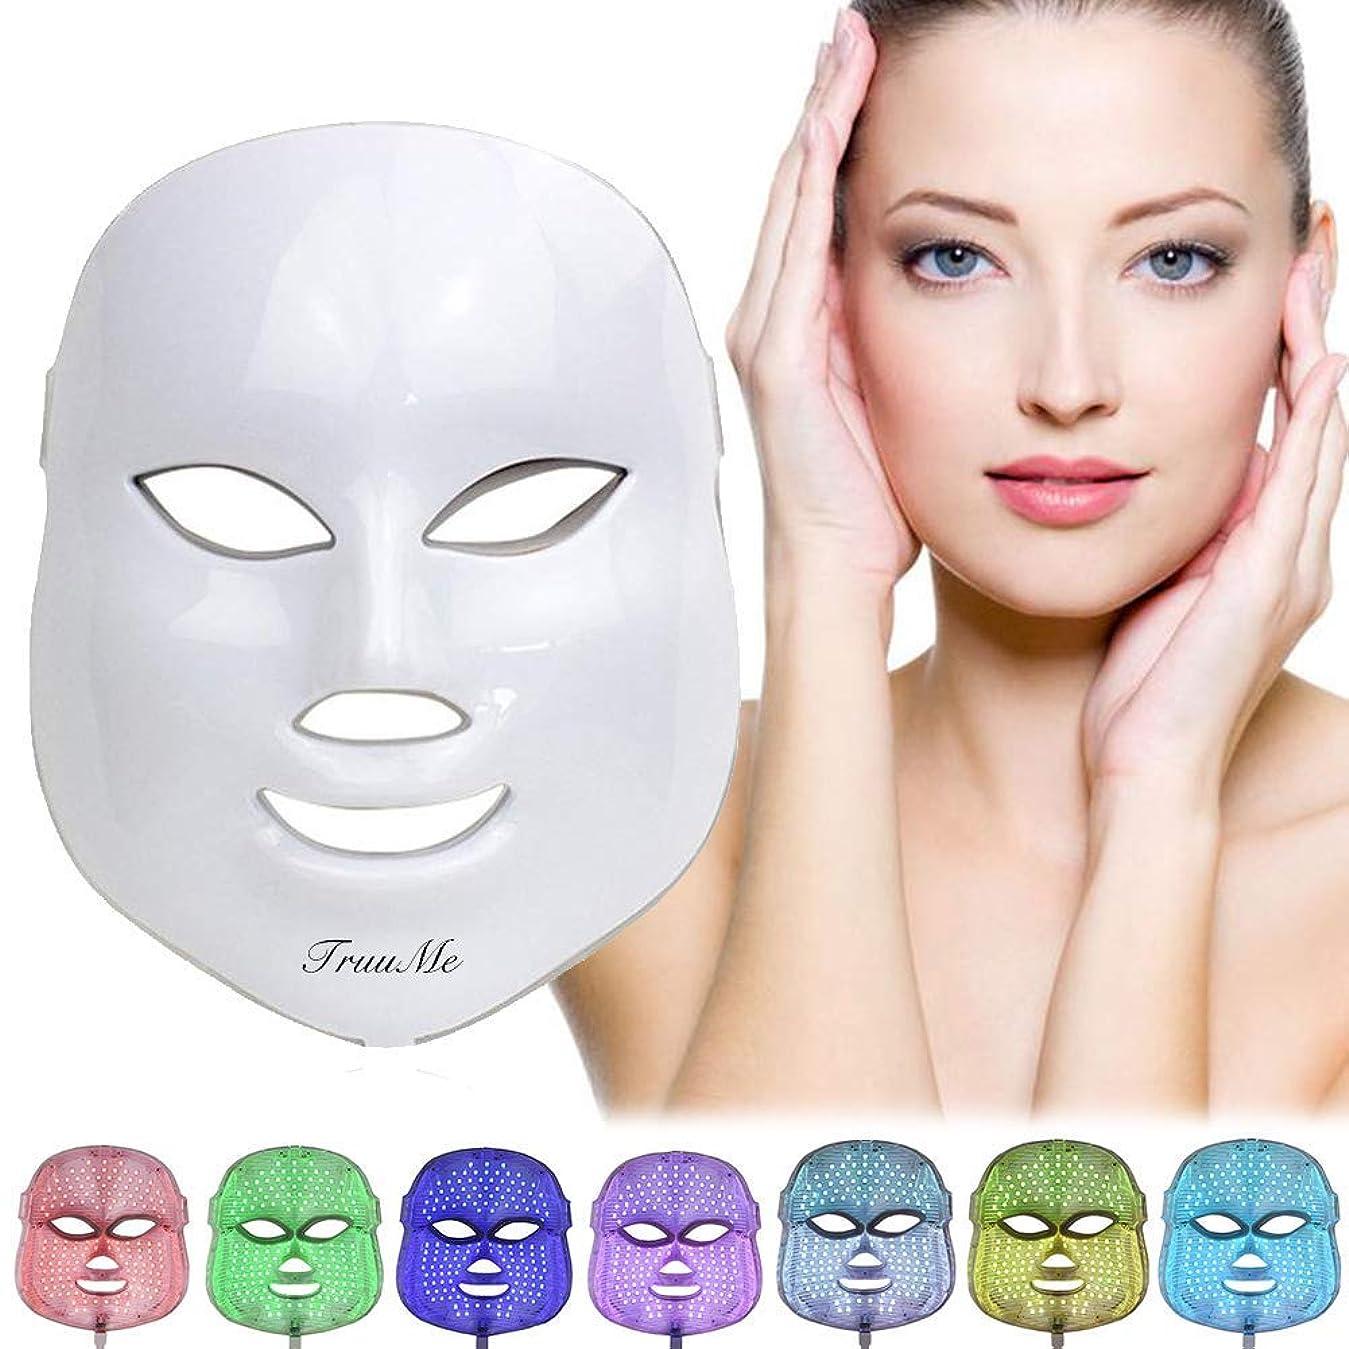 ミトン唯一割り当てるLEDフェイスマスク、ライトセラピーニキビマスク、LEDフェイシャルマスク、光線療法マスク、LEDエレクトリックフェイシャルマスク、7色光治療、ニキビ治療用マスク、斑点、にきび、皮膚のシミ